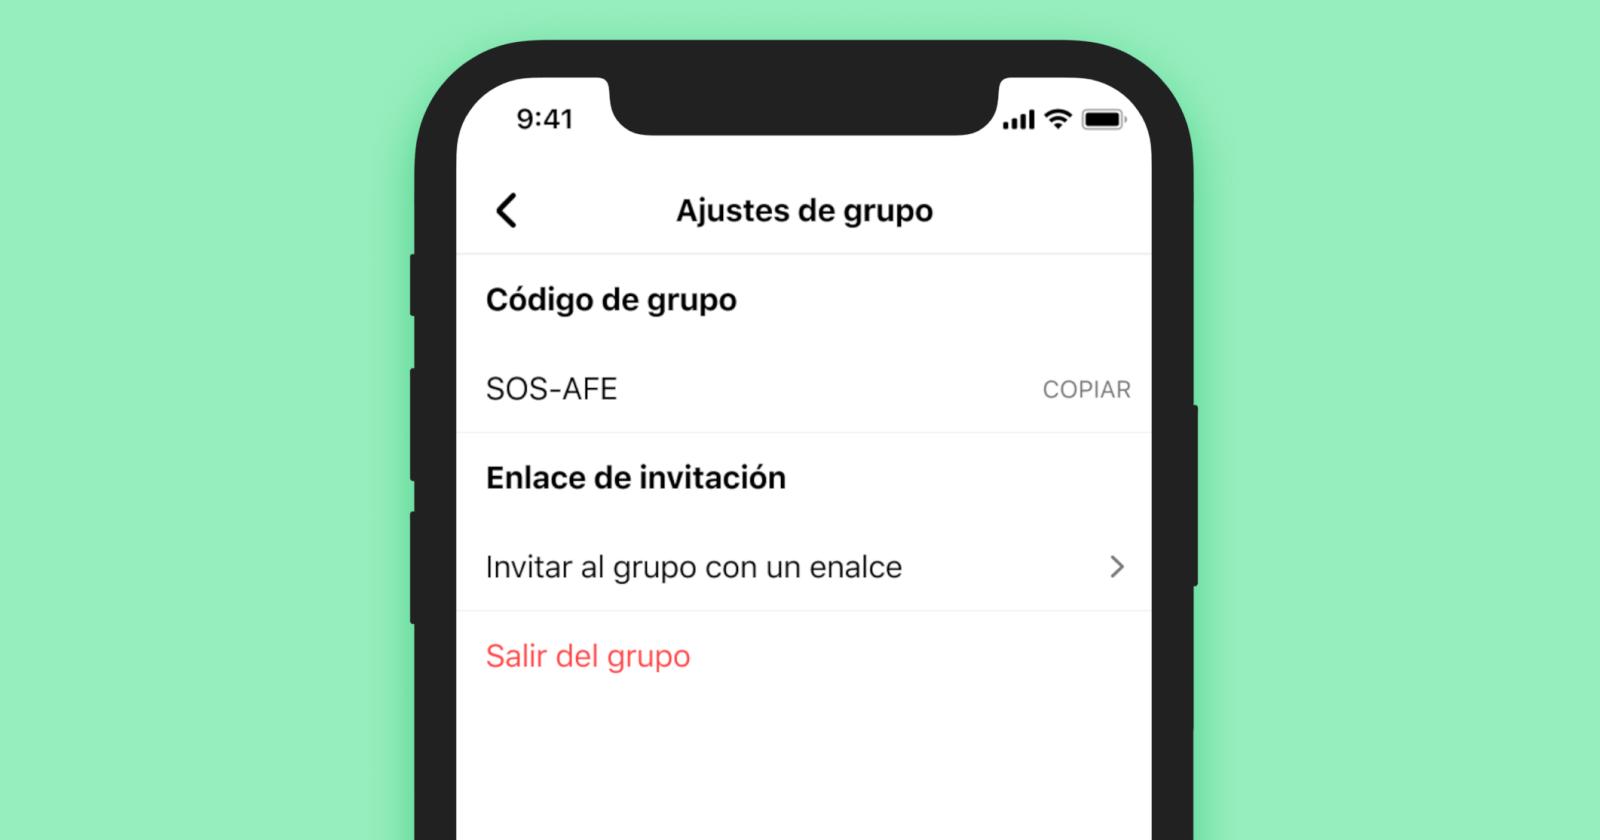 Comparte el código del grupo para que otros puedan unirse al grupo.